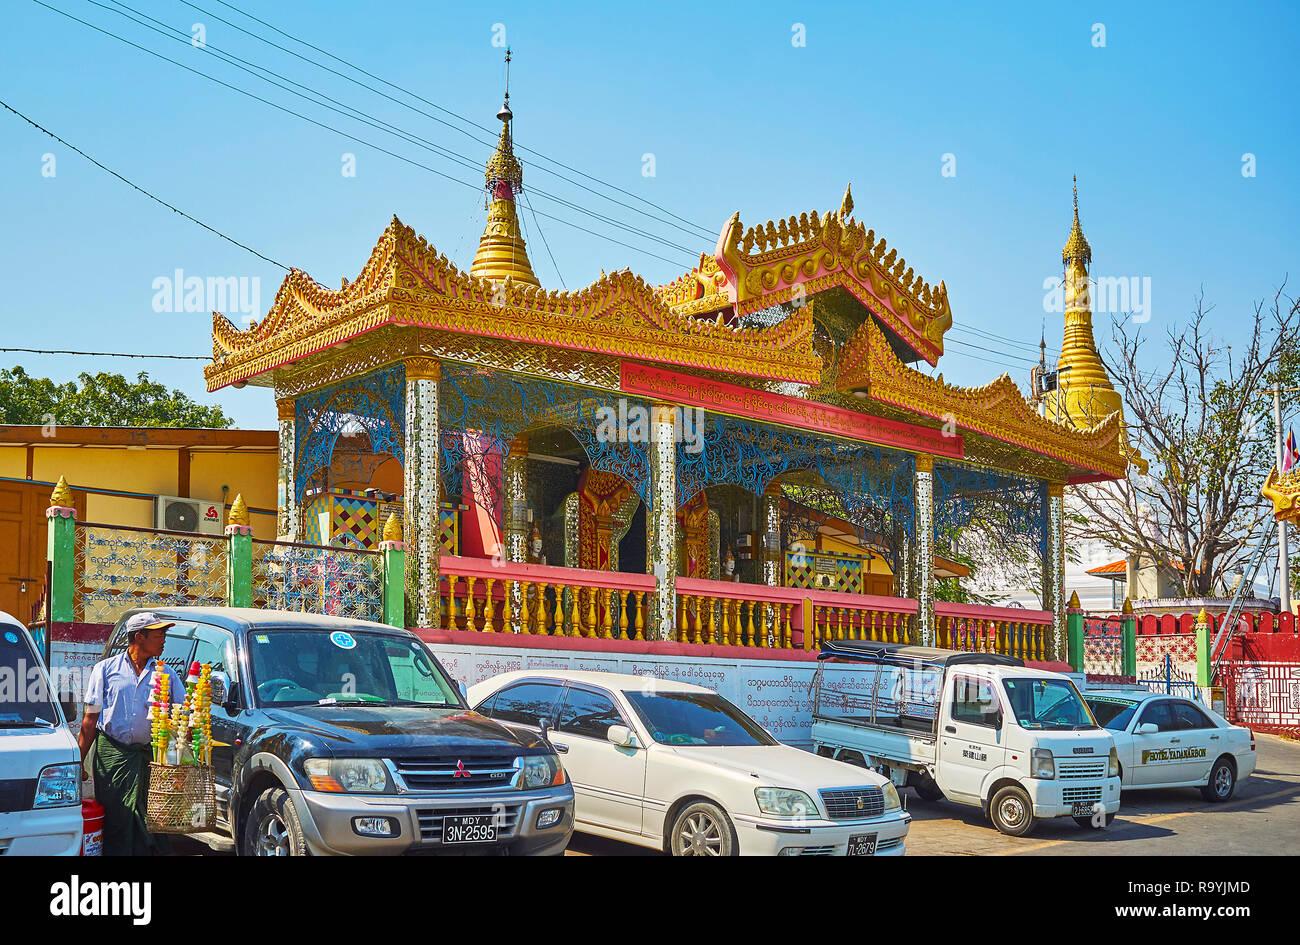 Las Divisiones de Sagaing, MYANMAR - Febrero 21, 2018: La imagen ricamente decorada casa de pronto Oo Ponya Shin Paya (Cumbre pyatthat Pagoda) con techo y el golpeteo del espejo Foto de stock